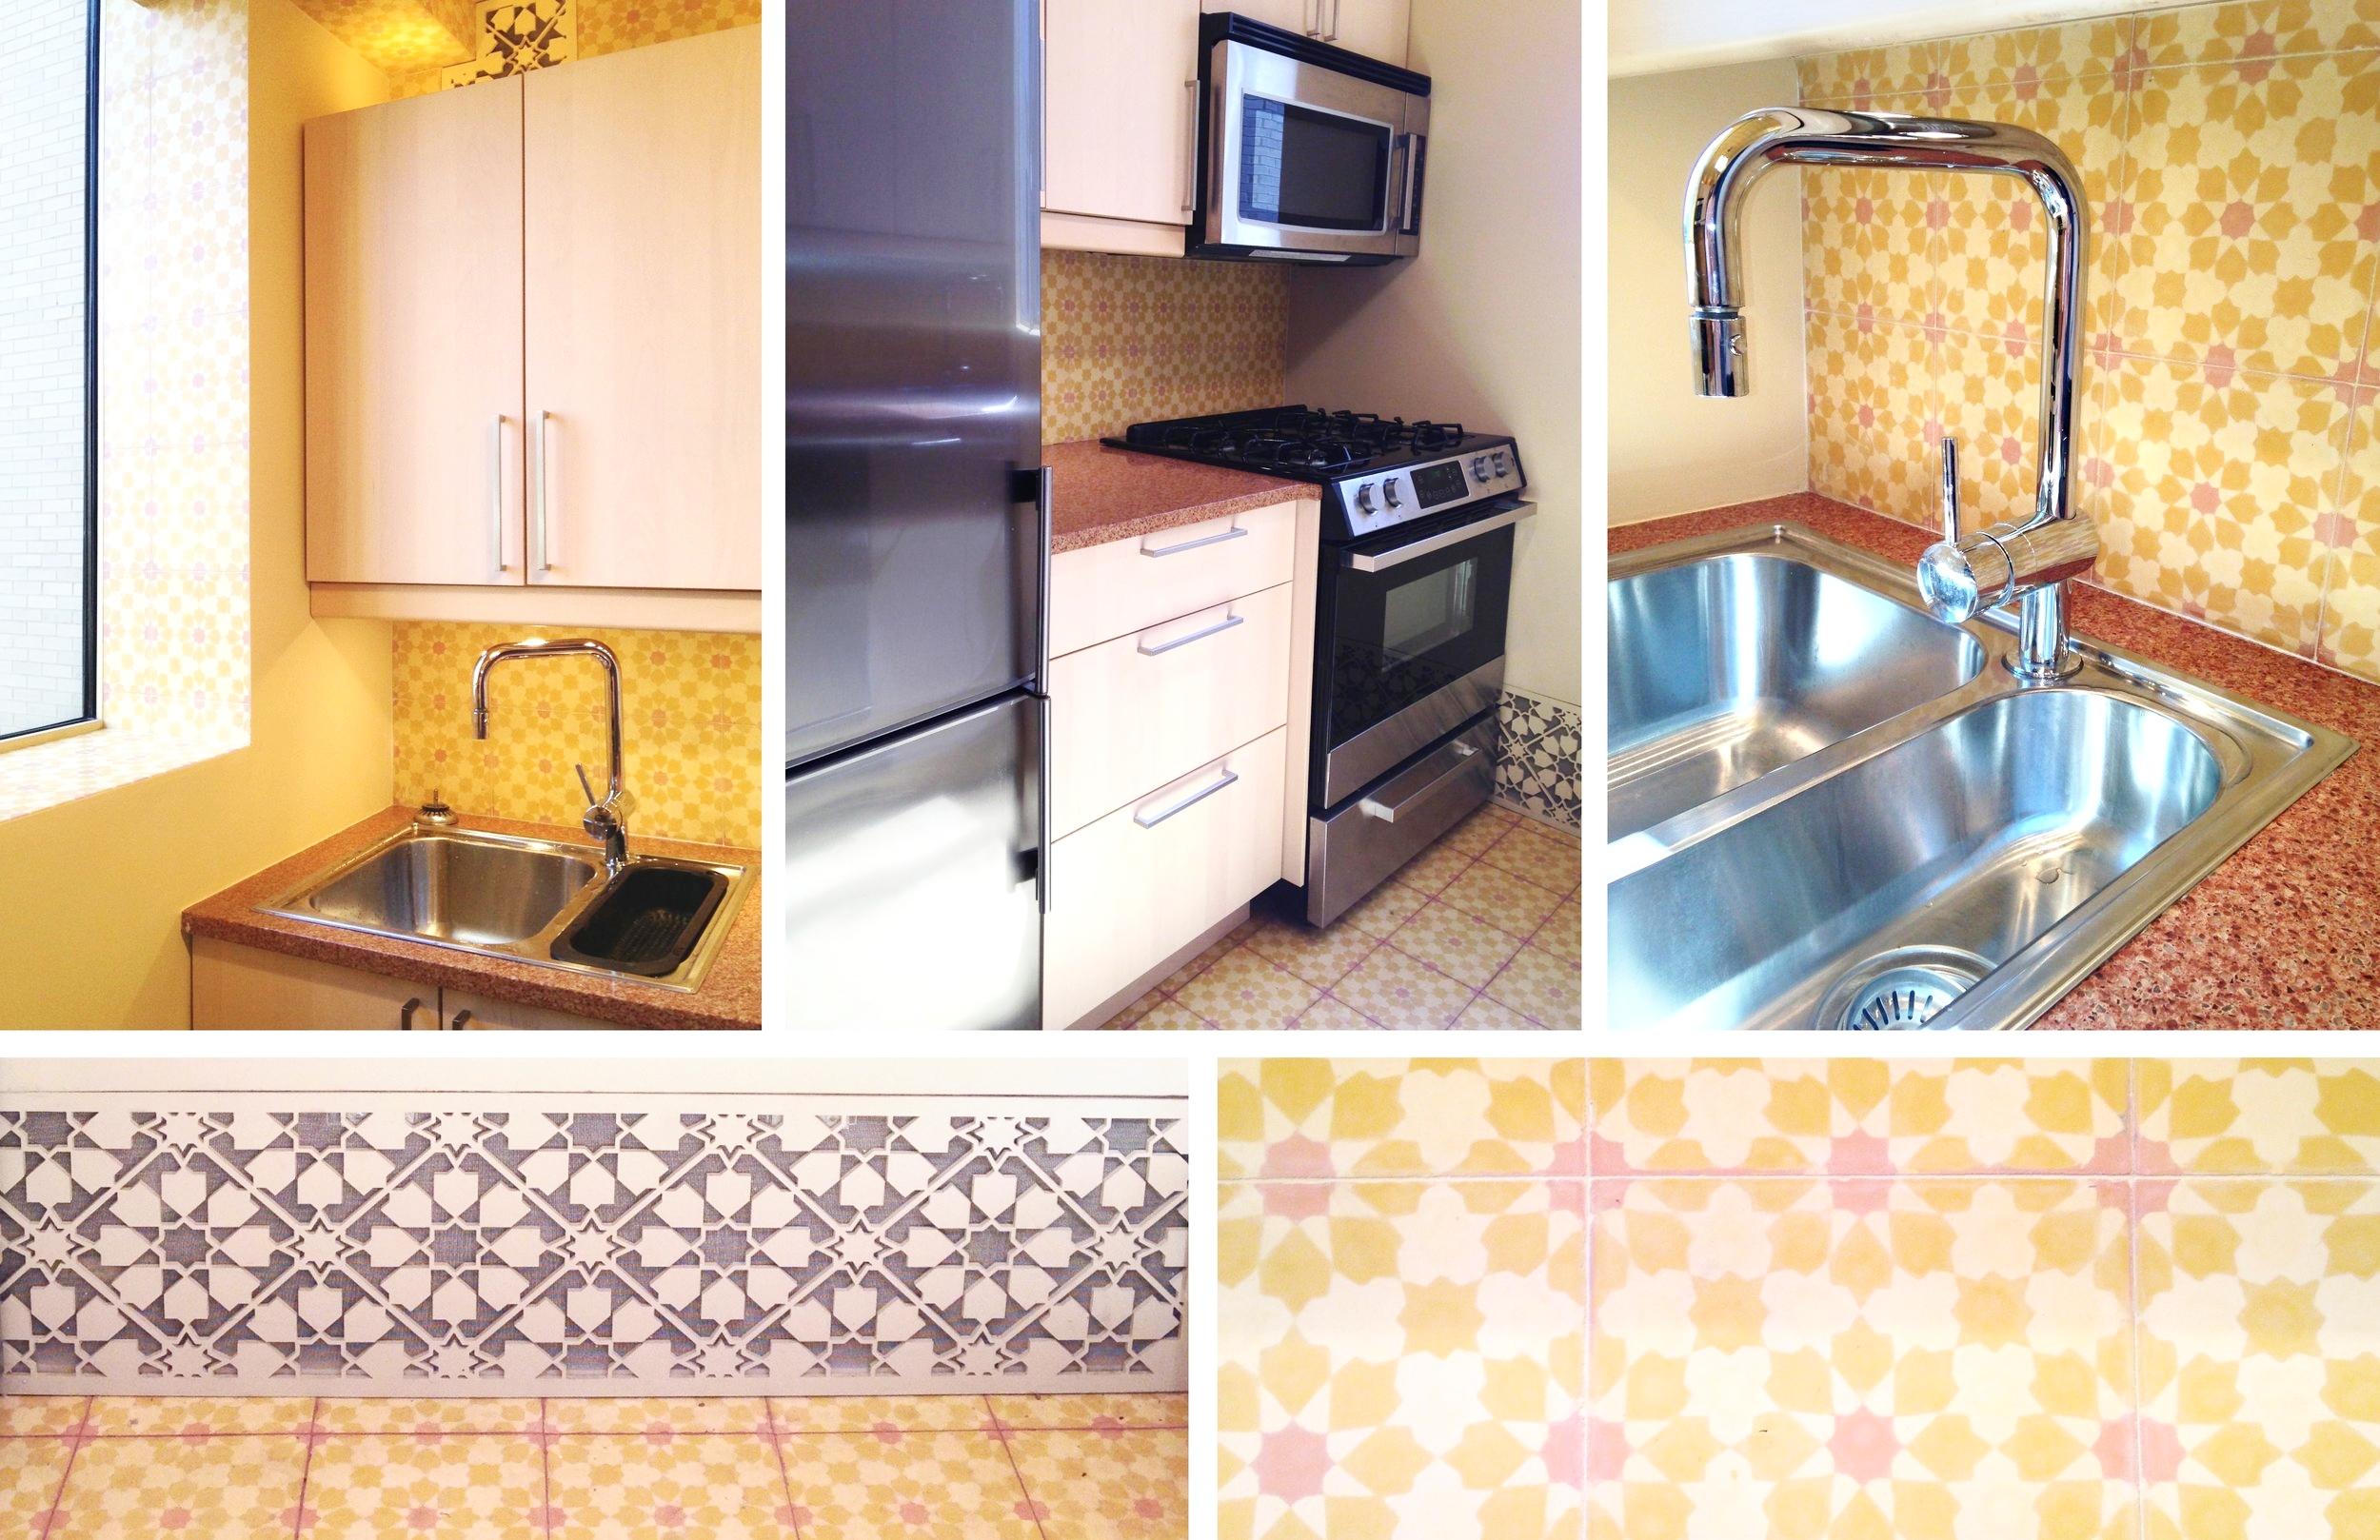 Murthy_Photo-Collage-Kitchen 01.jpg